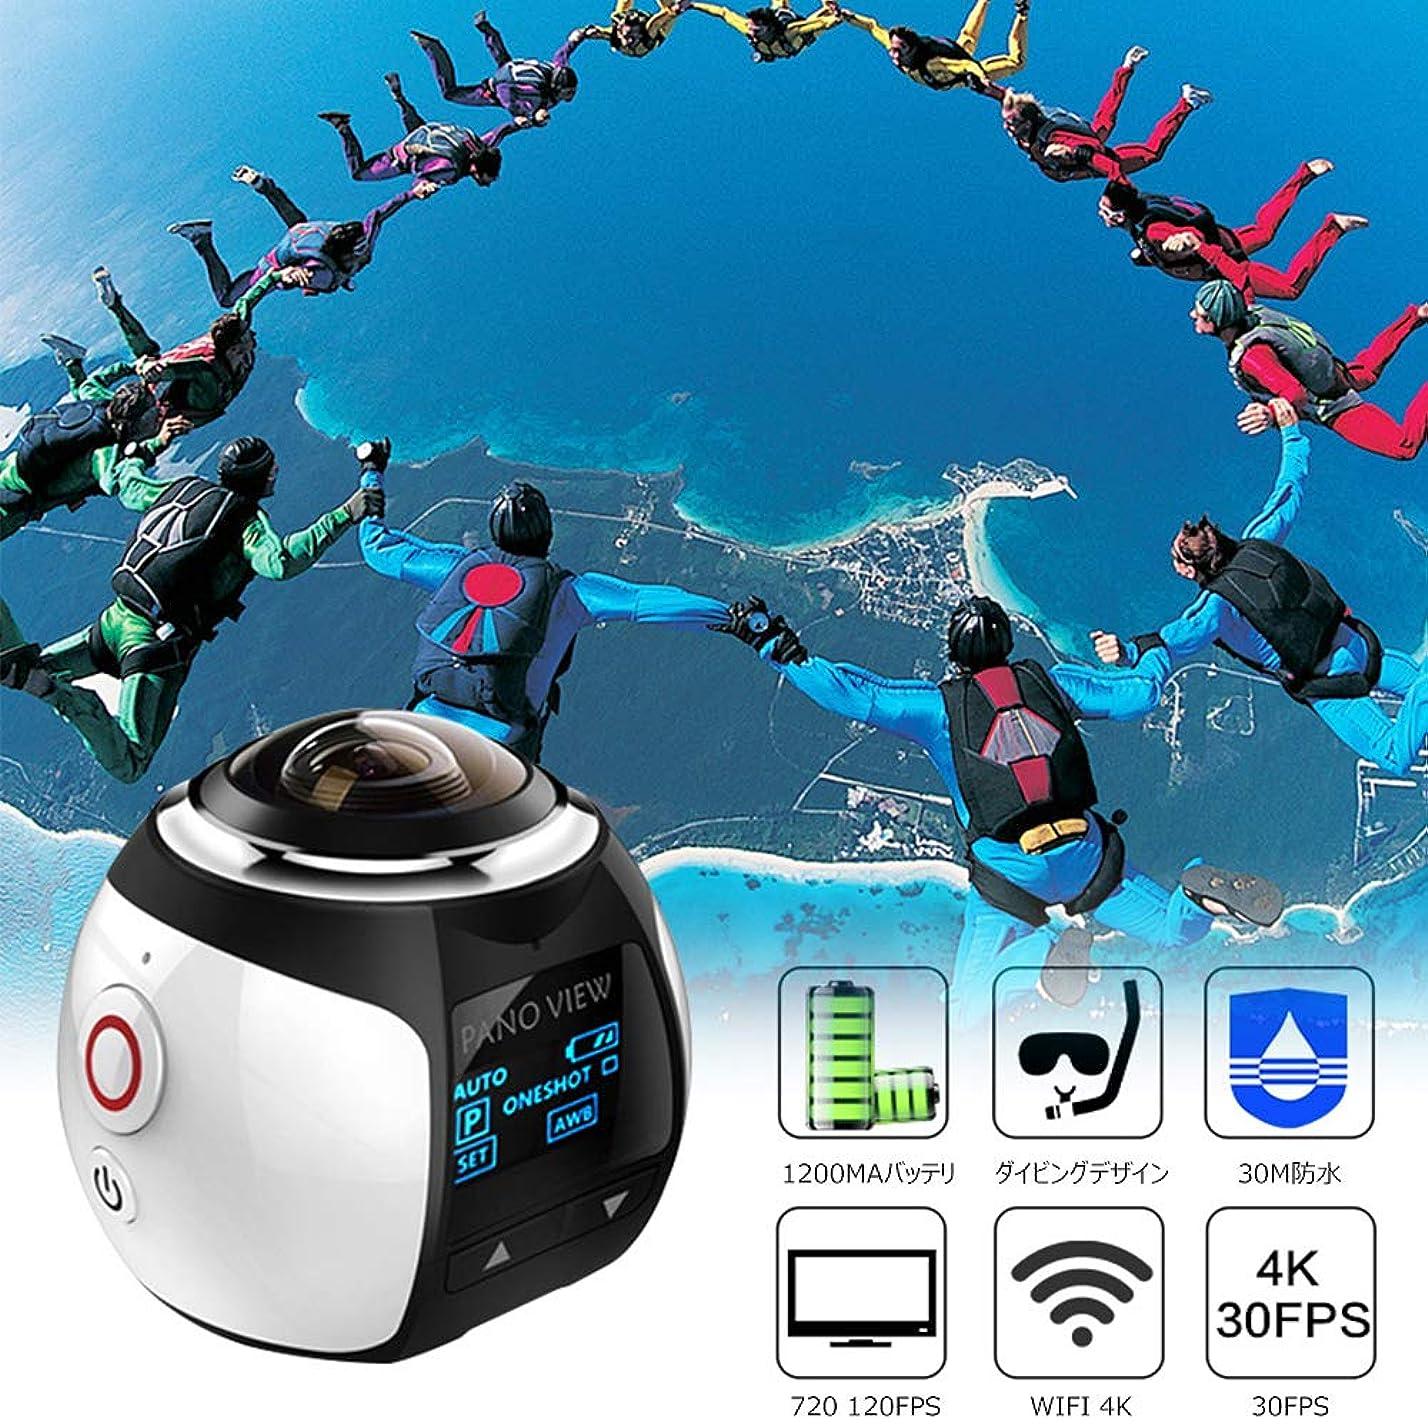 すみません太鼓腹徒歩でOSEI 360度 パノラマカメラ 1600万画素センサー IP67 30m超防水 運転記録 自転車、ライディング、スキー、サーフ、ダイビング 仮想メガネ3D?VR用アクション スポーツカメラ 空撮に最適 360度全天球カメラ 8種類撮影モード 写真を撮ってからすぐにアプリでFacebook、Instagramなどに発表可能 WiFi対応 遠隔操作可能 日本語対応 (白い)